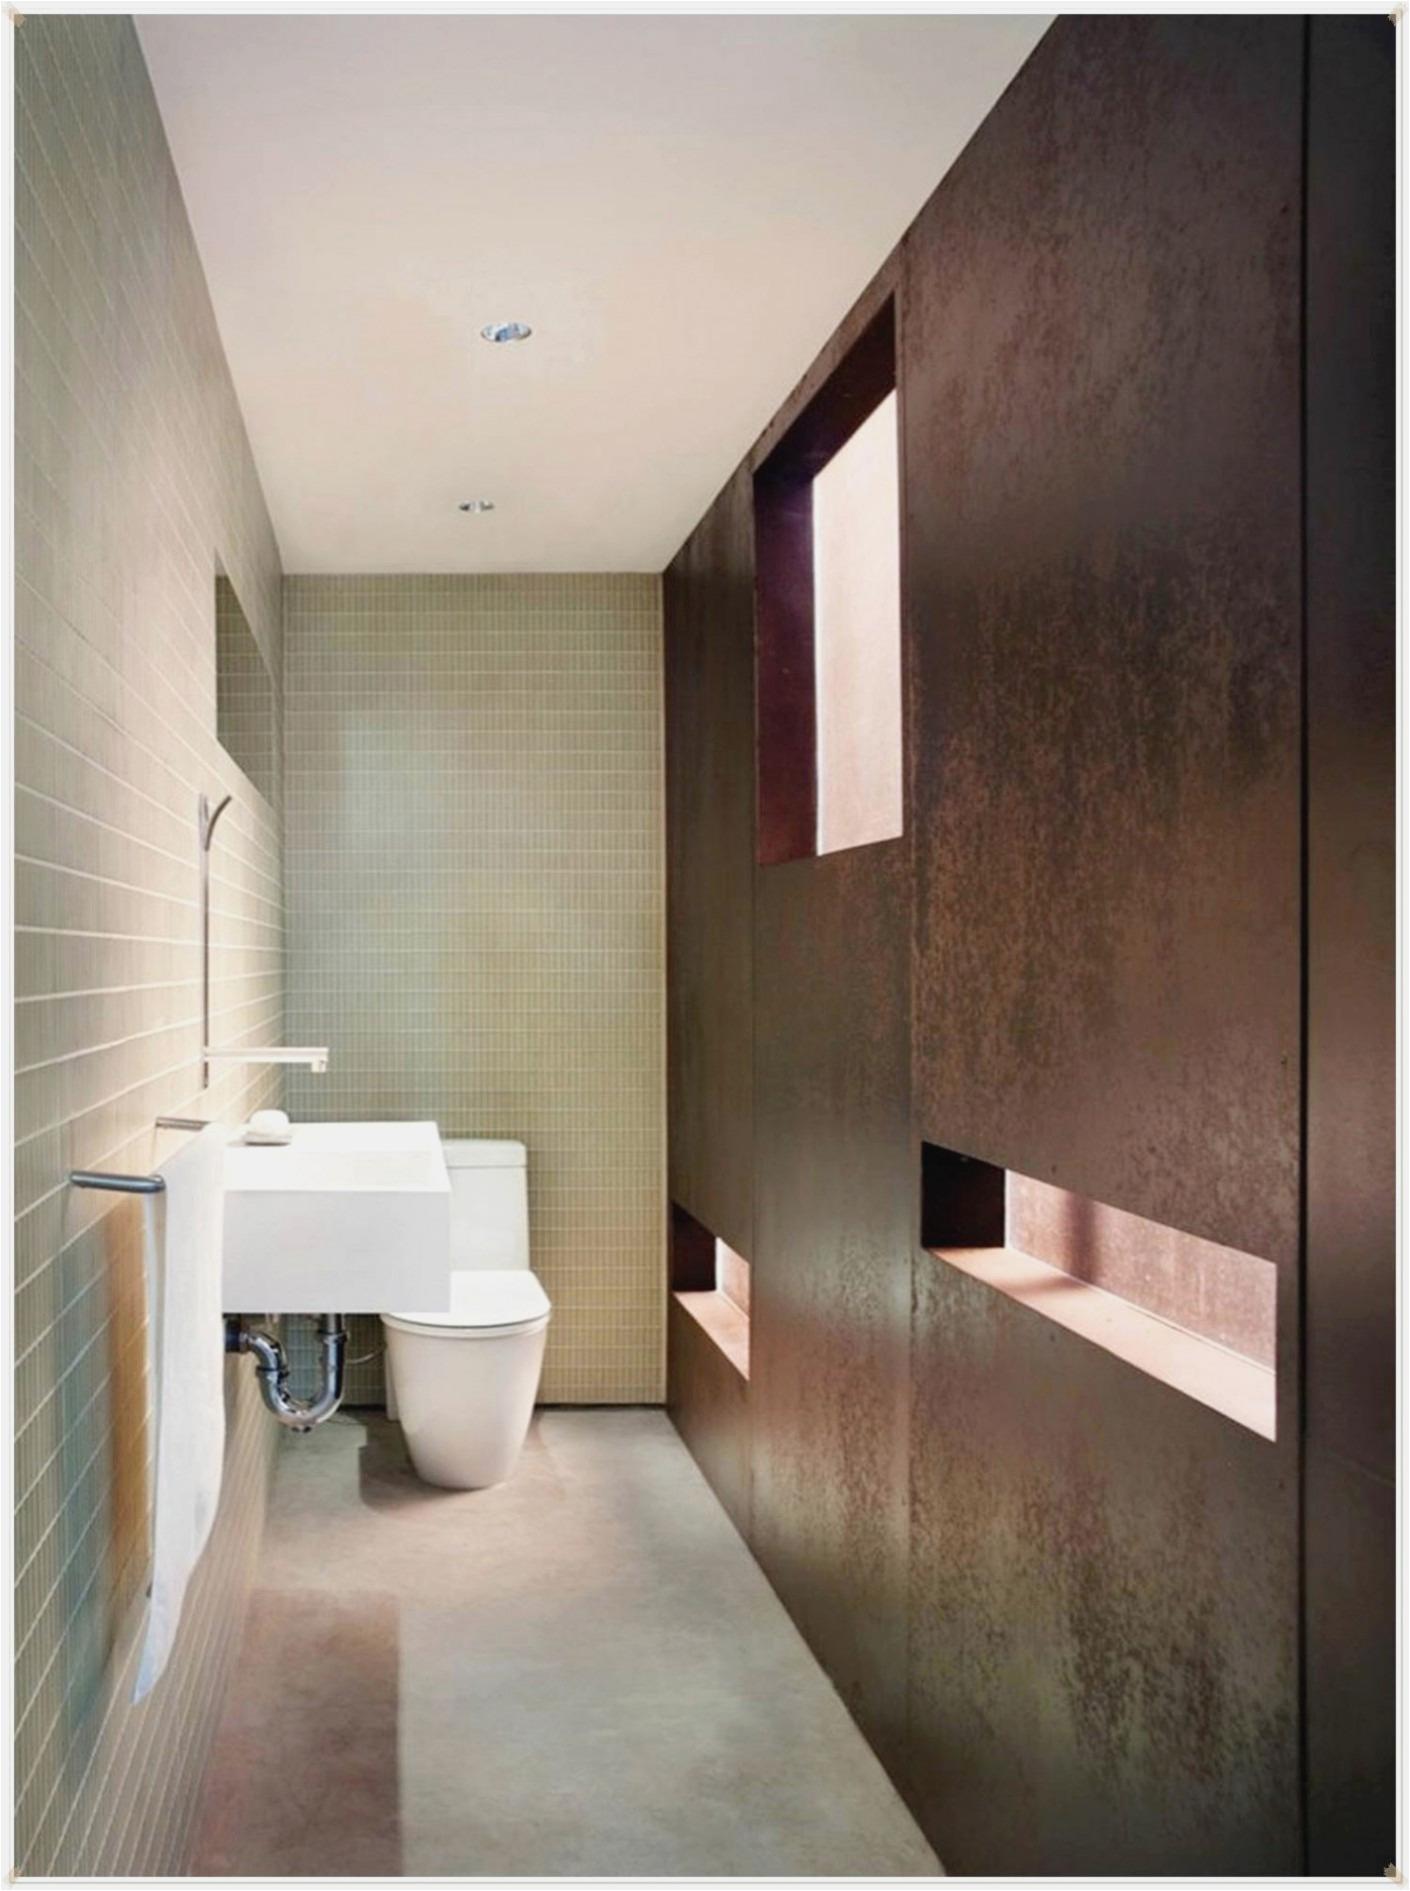 spiegel fur badezimmer best of eckschrank fur badezimmer of spiegel fur badezimmer